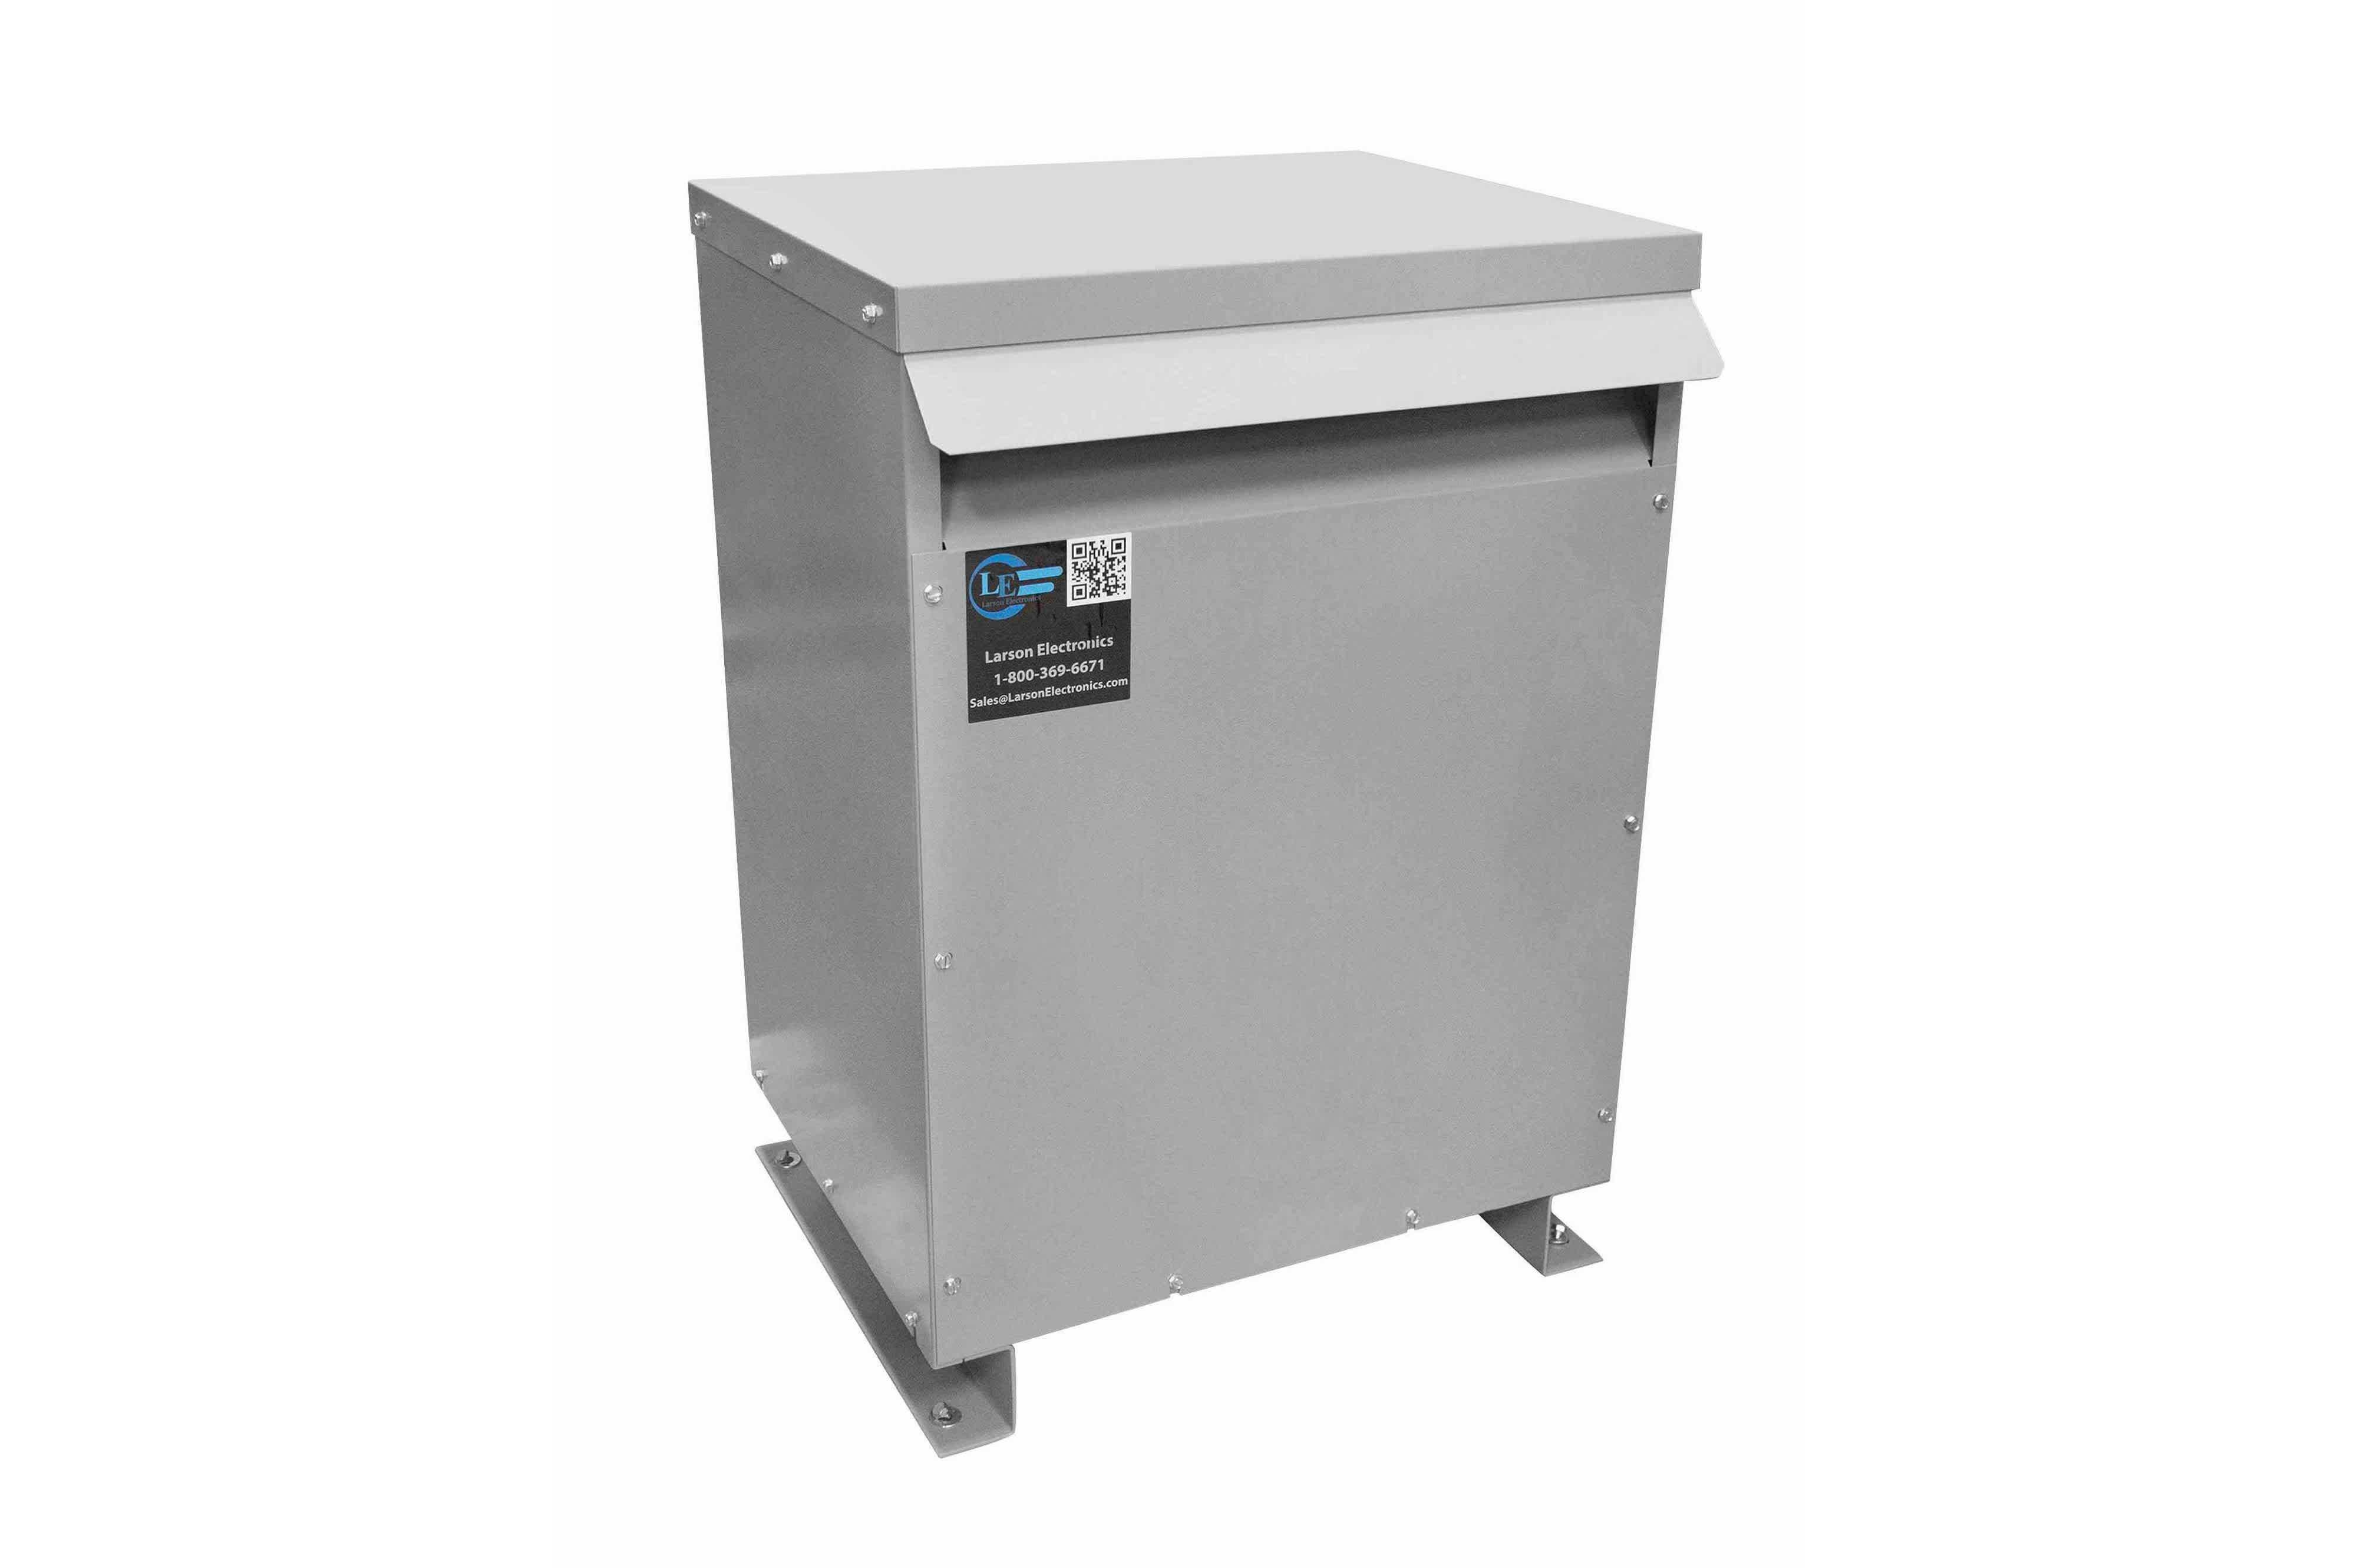 14 kVA 3PH Isolation Transformer, 240V Delta Primary, 600V Delta Secondary, N3R, Ventilated, 60 Hz